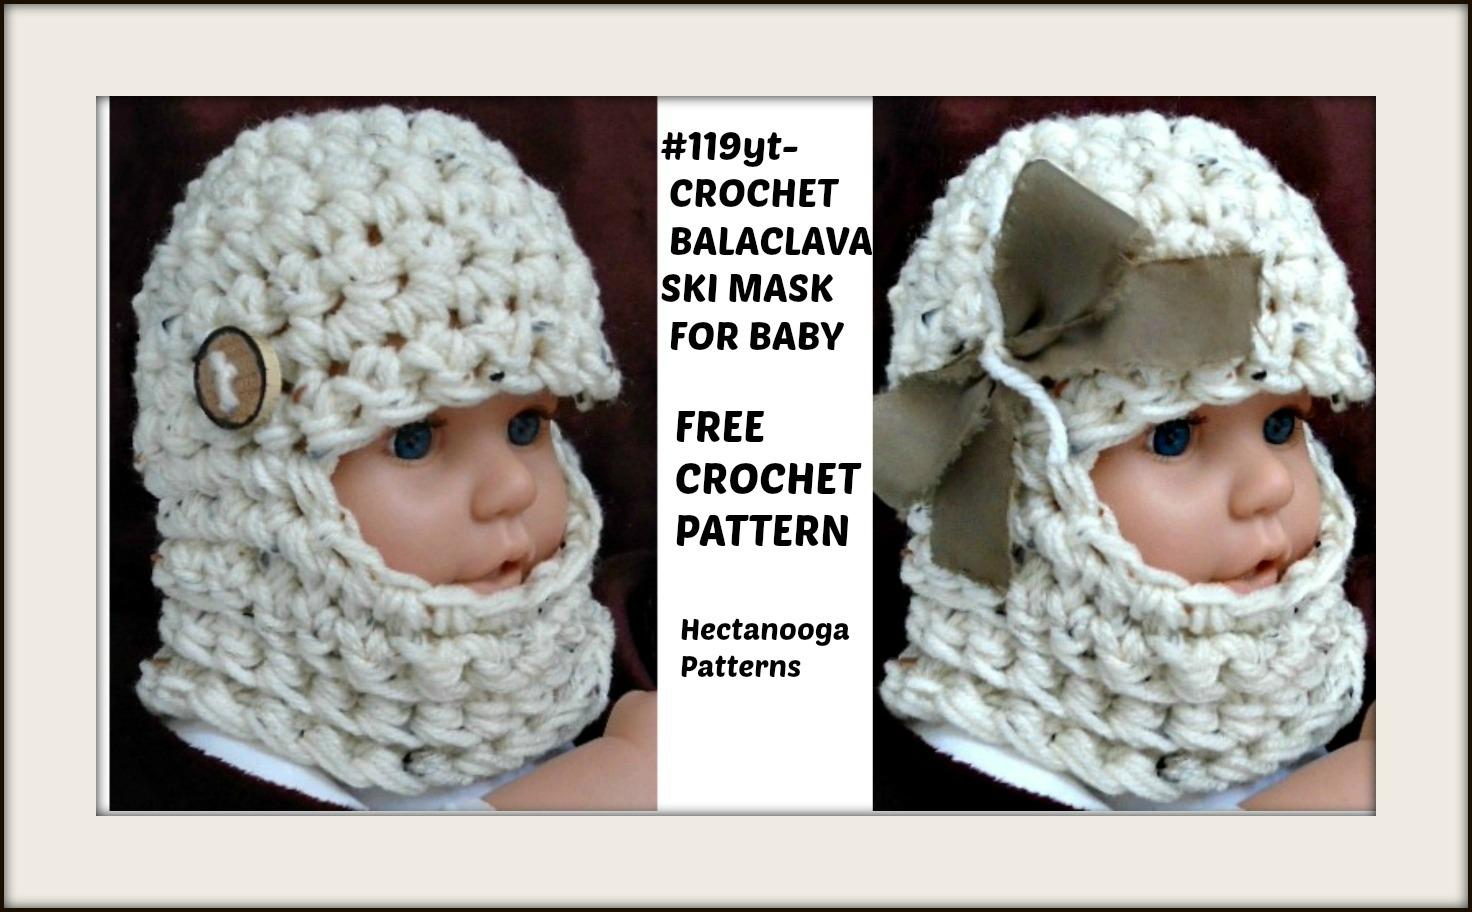 Knitting Pattern Balaclava Hectanooga Patterns Free Crochet Pattern Ba Balaclava Ski Mask Hat